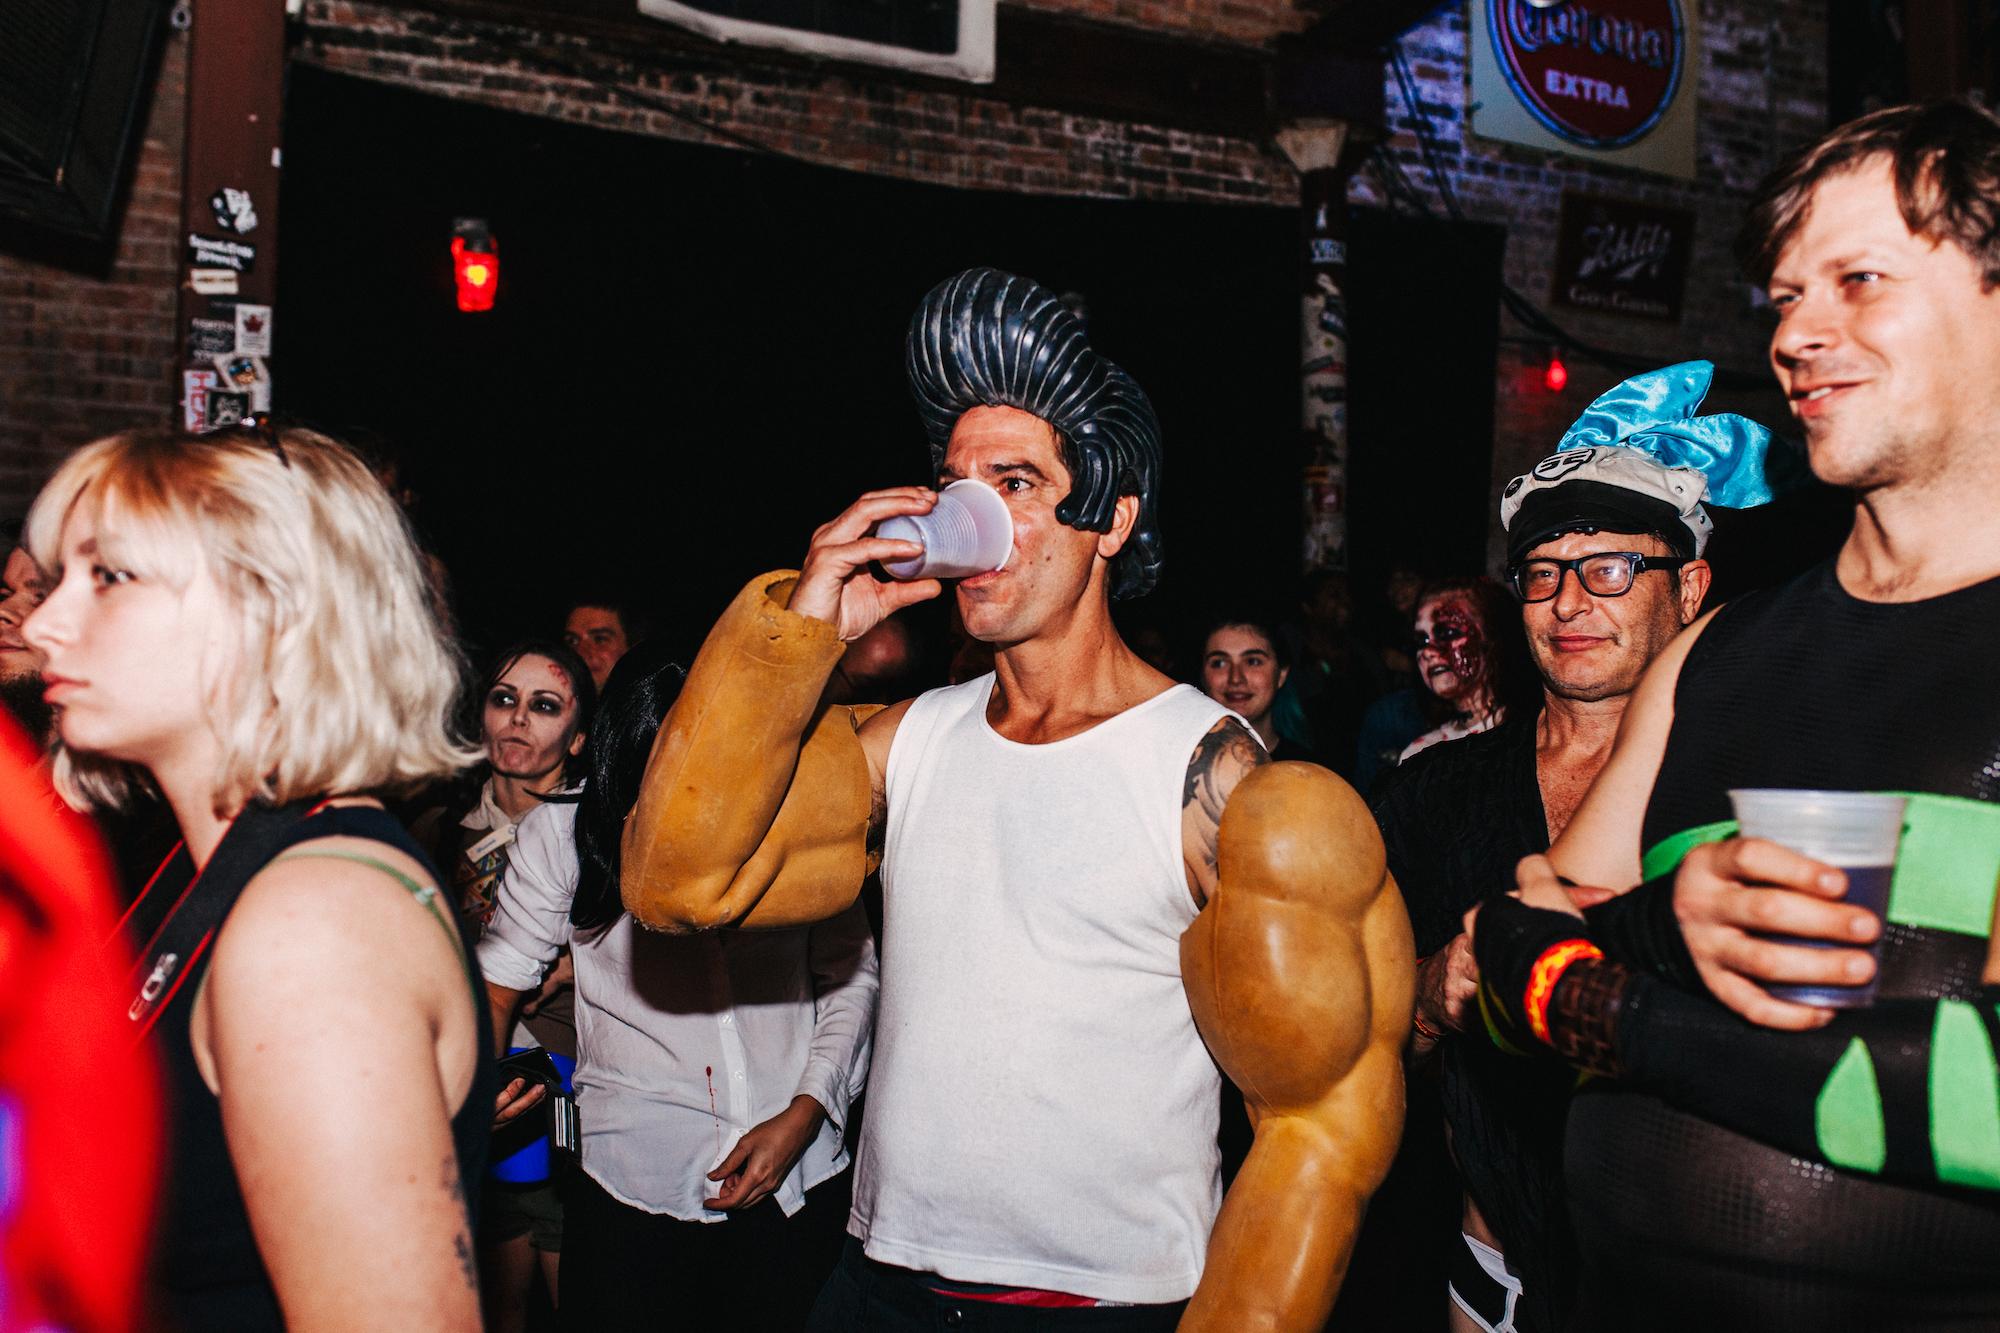 Σικάγο σεξ πάρτιπρώιμα ραντεβού καλά σημάδια